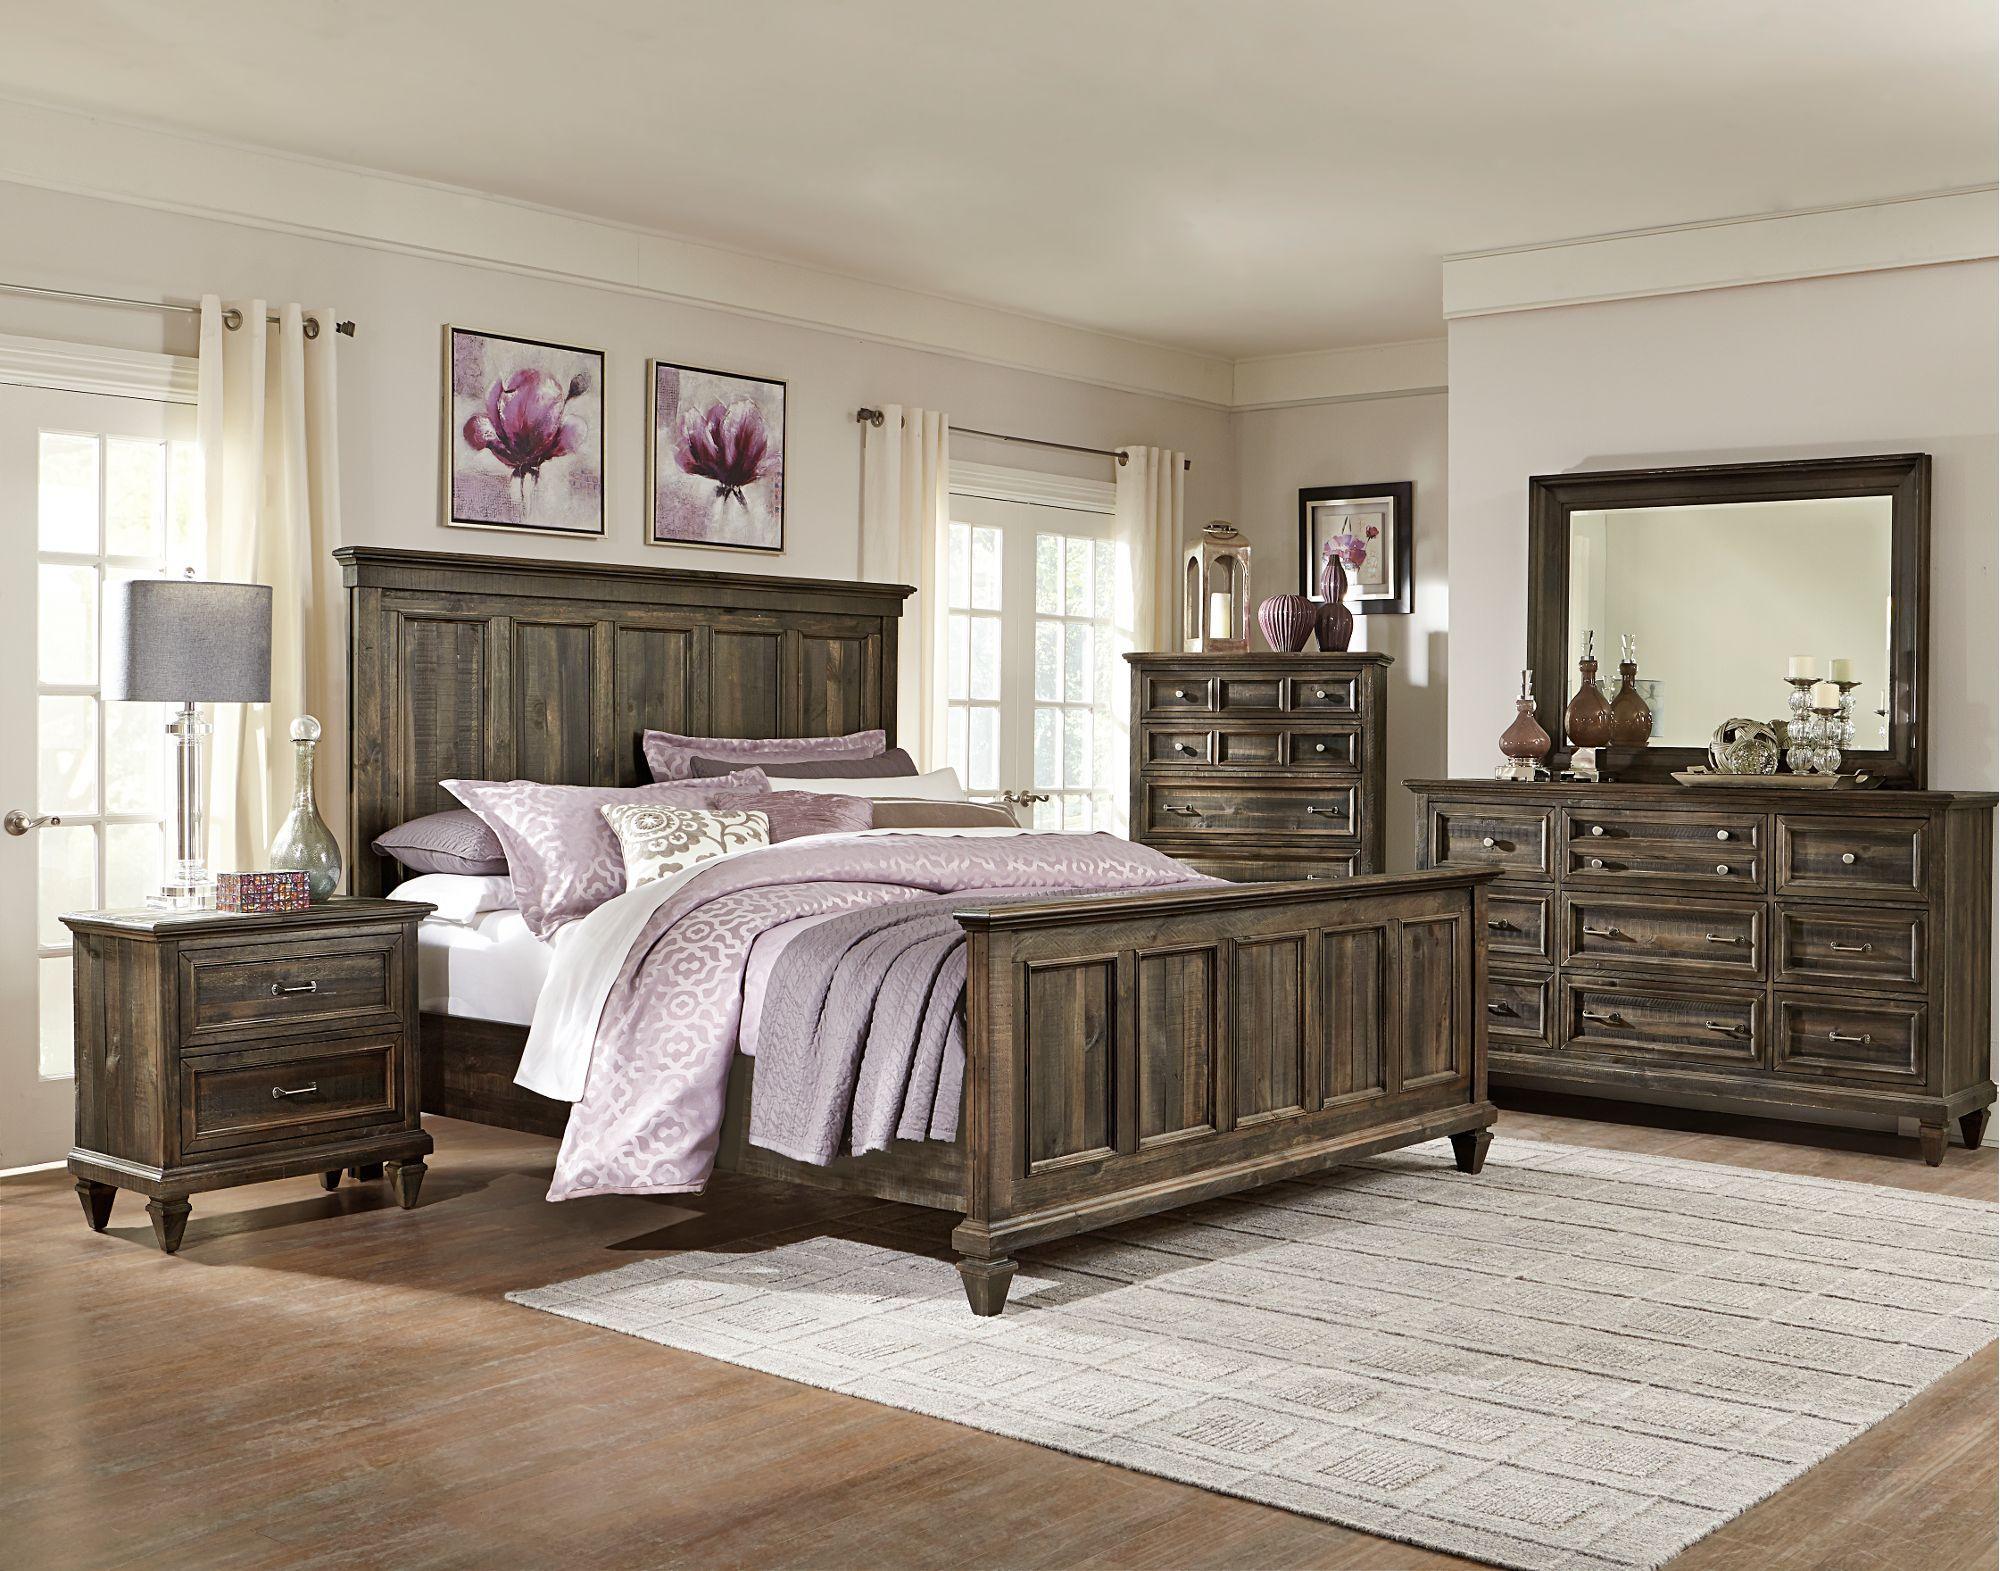 Charcoal Gray 6 Piece Queen Bedroom Set Calistoga